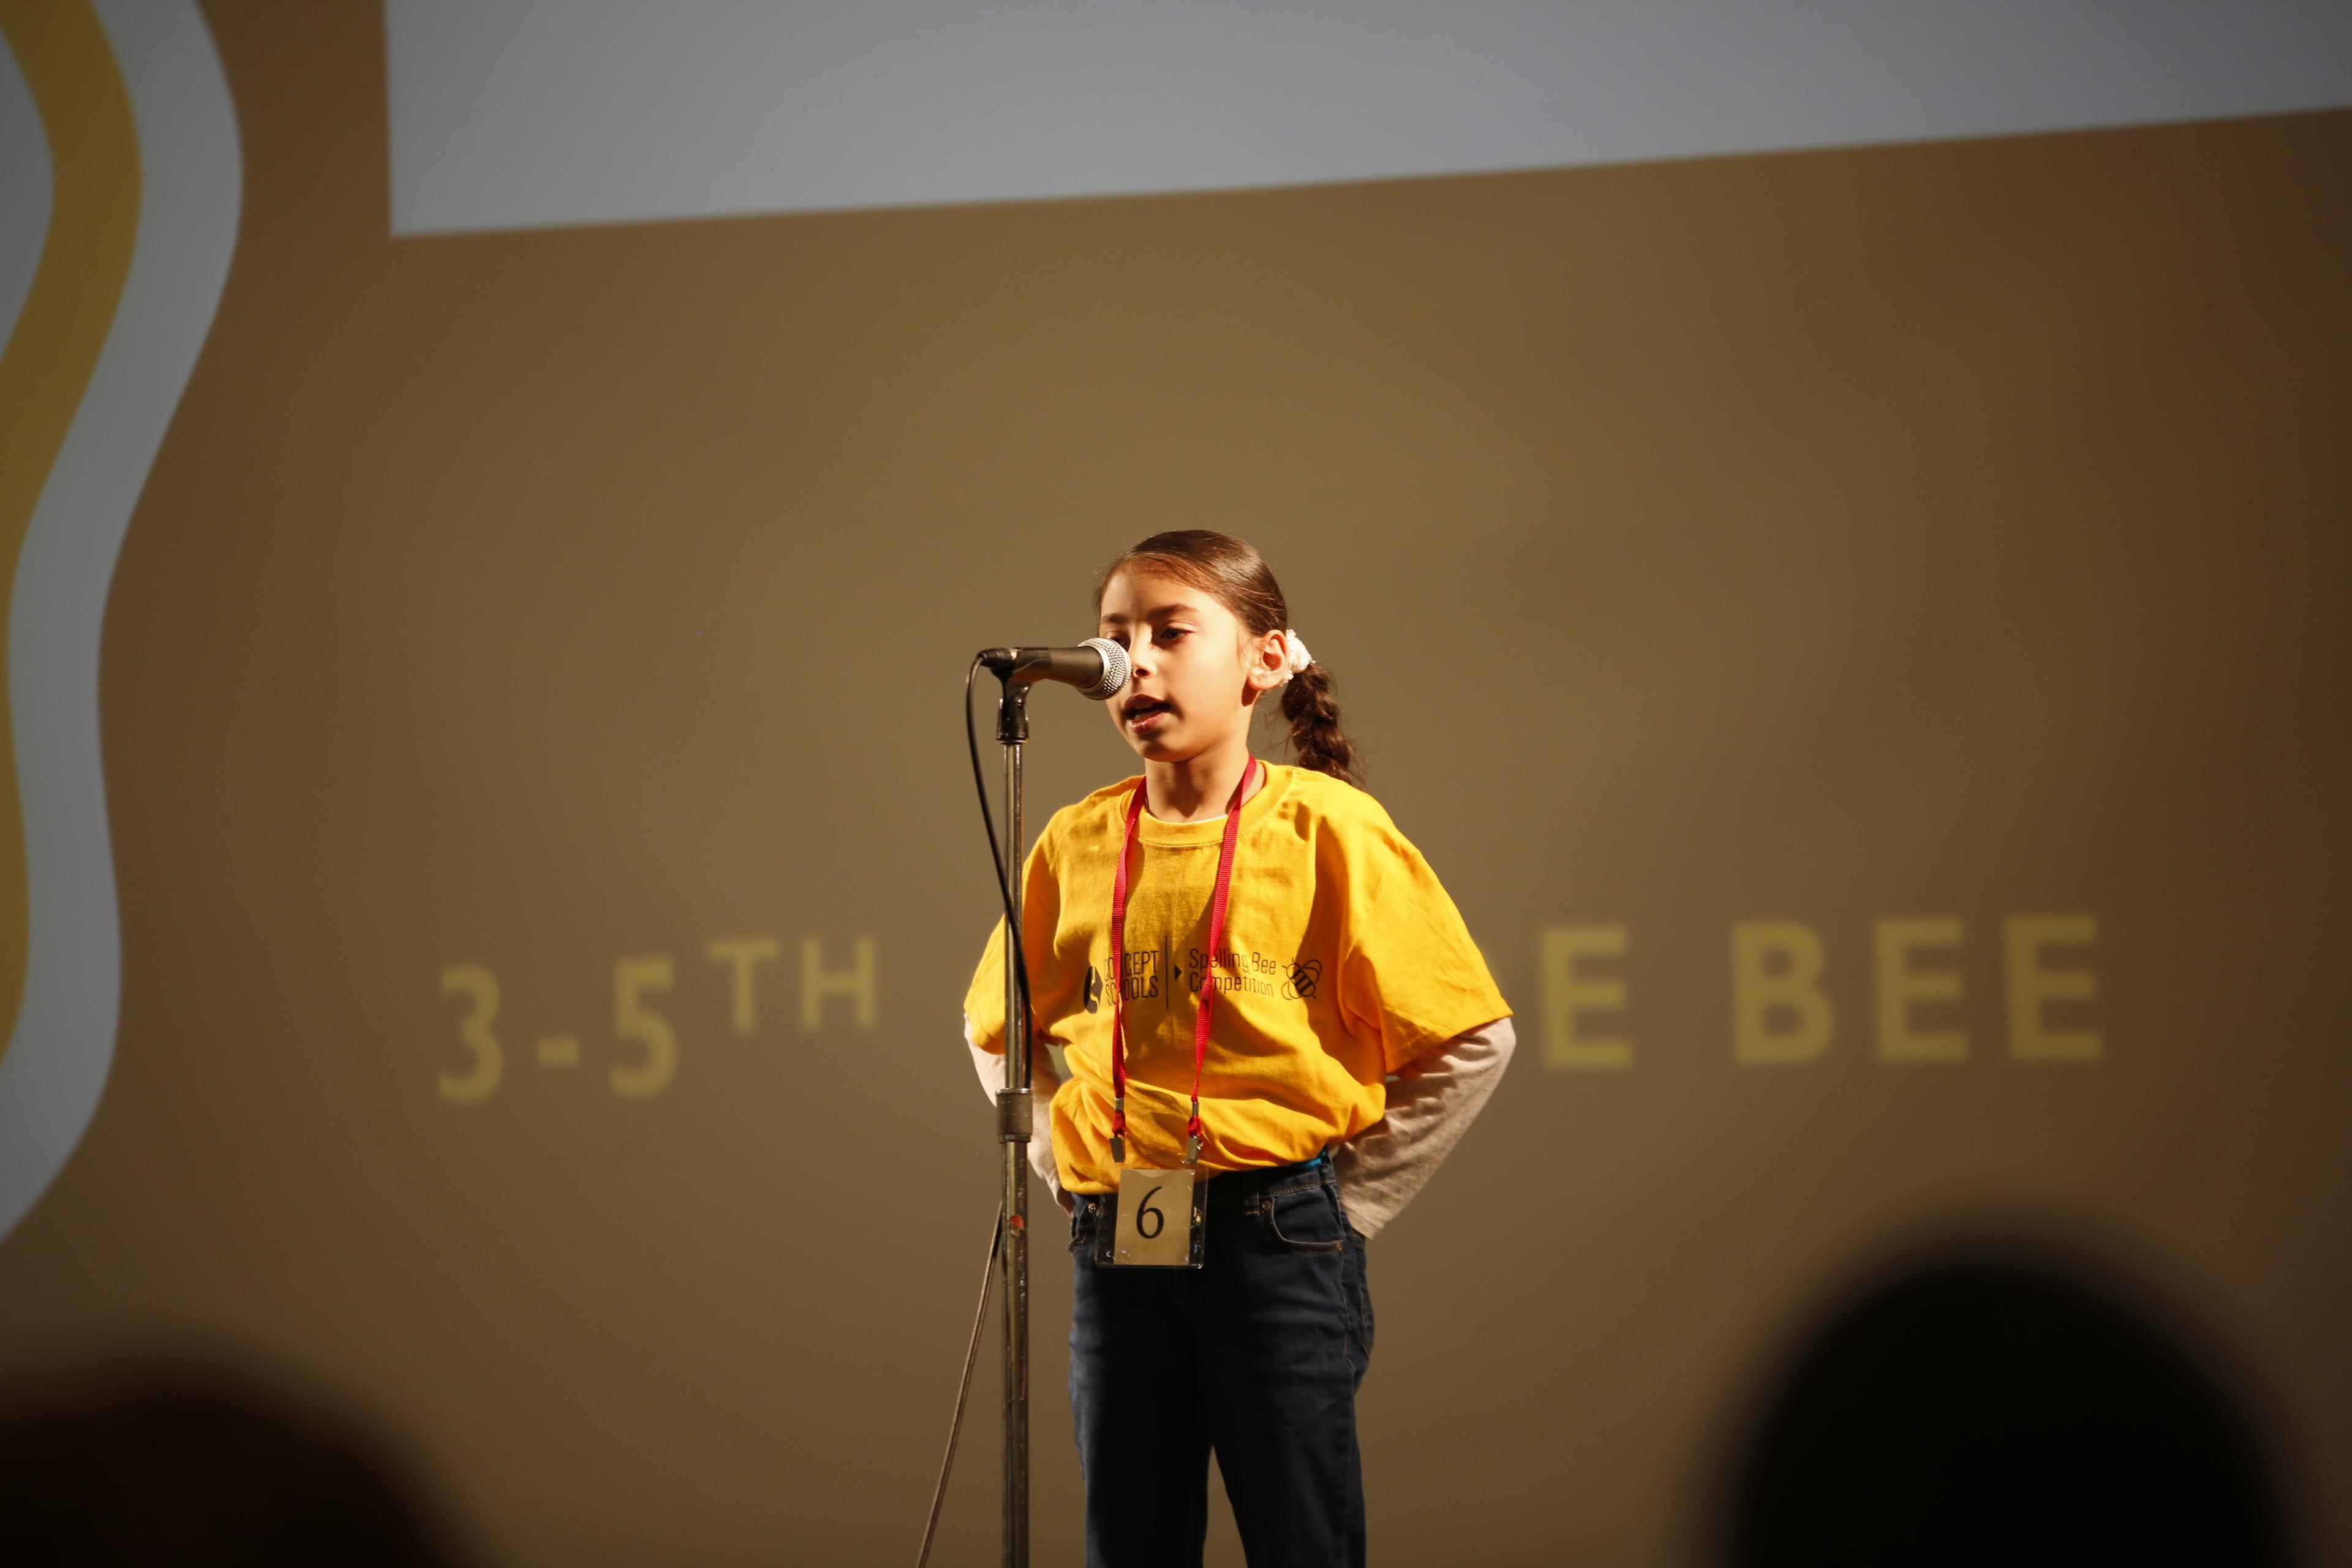 spelling-bee-concept-schools70